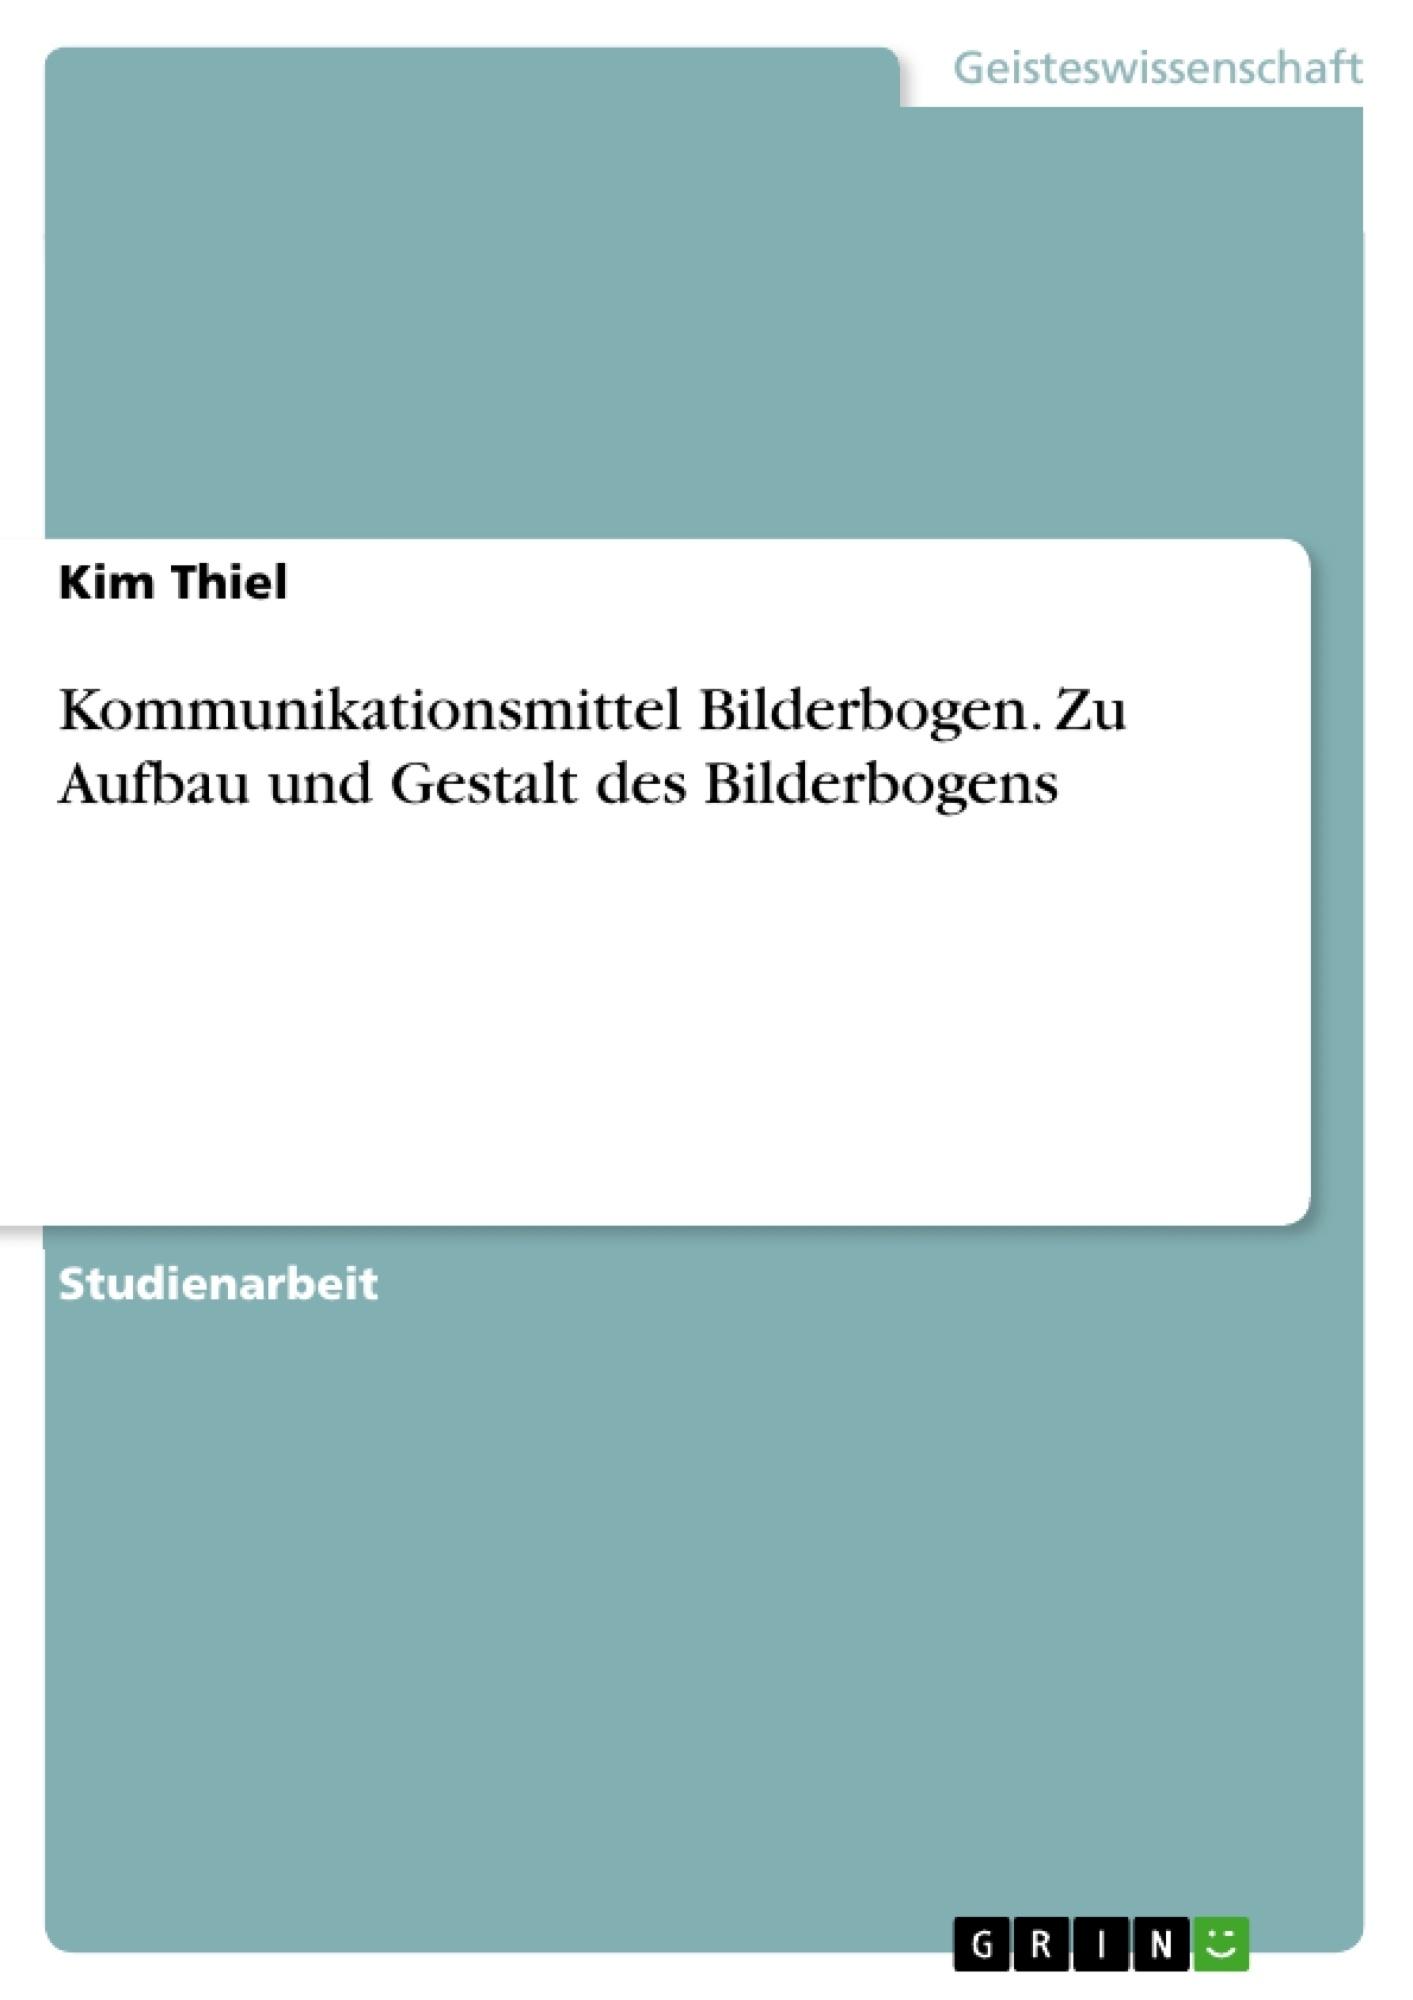 Titel: Kommunikationsmittel Bilderbogen. Zu Aufbau und Gestalt des Bilderbogens